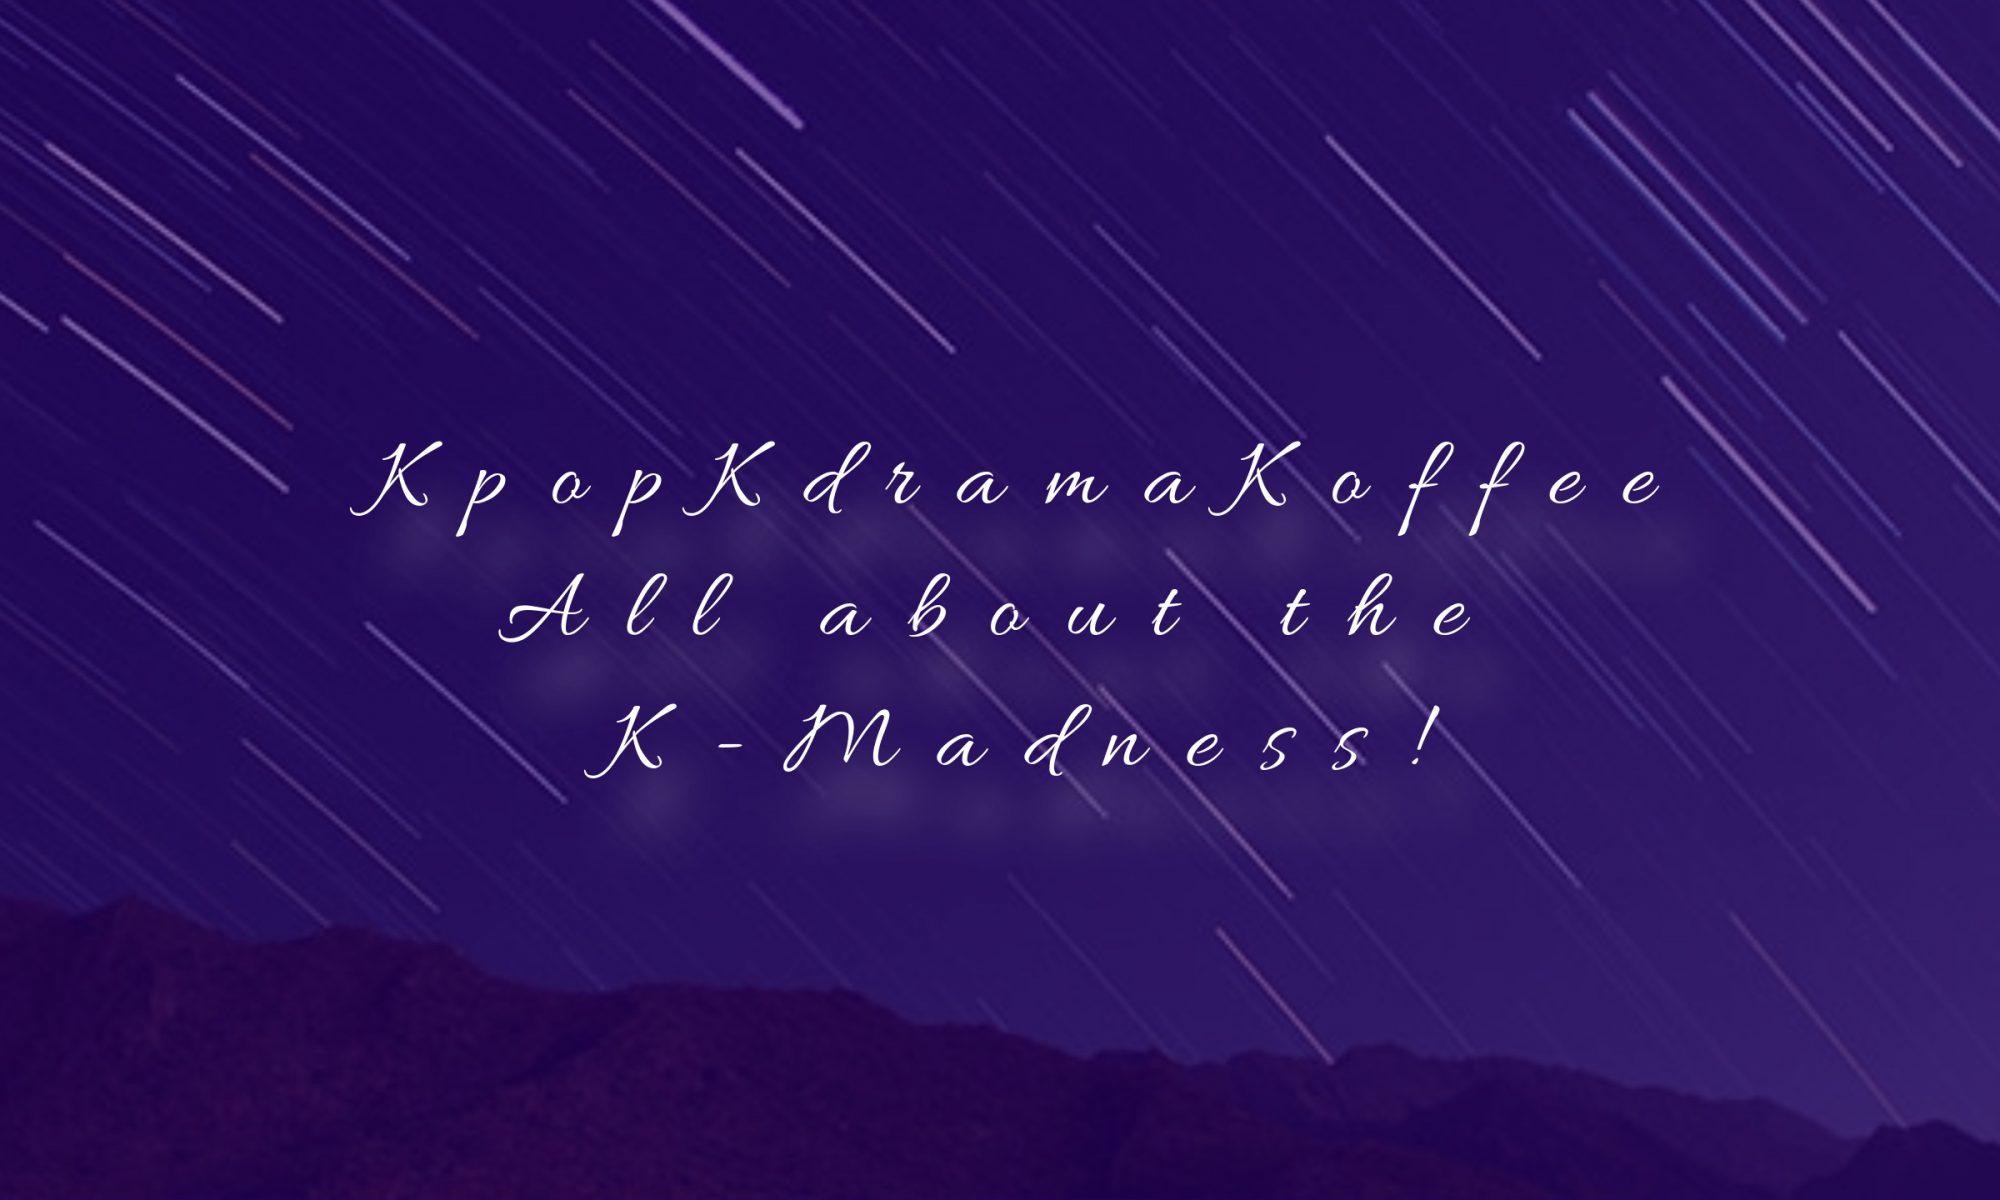 KpopKdramaKoffee